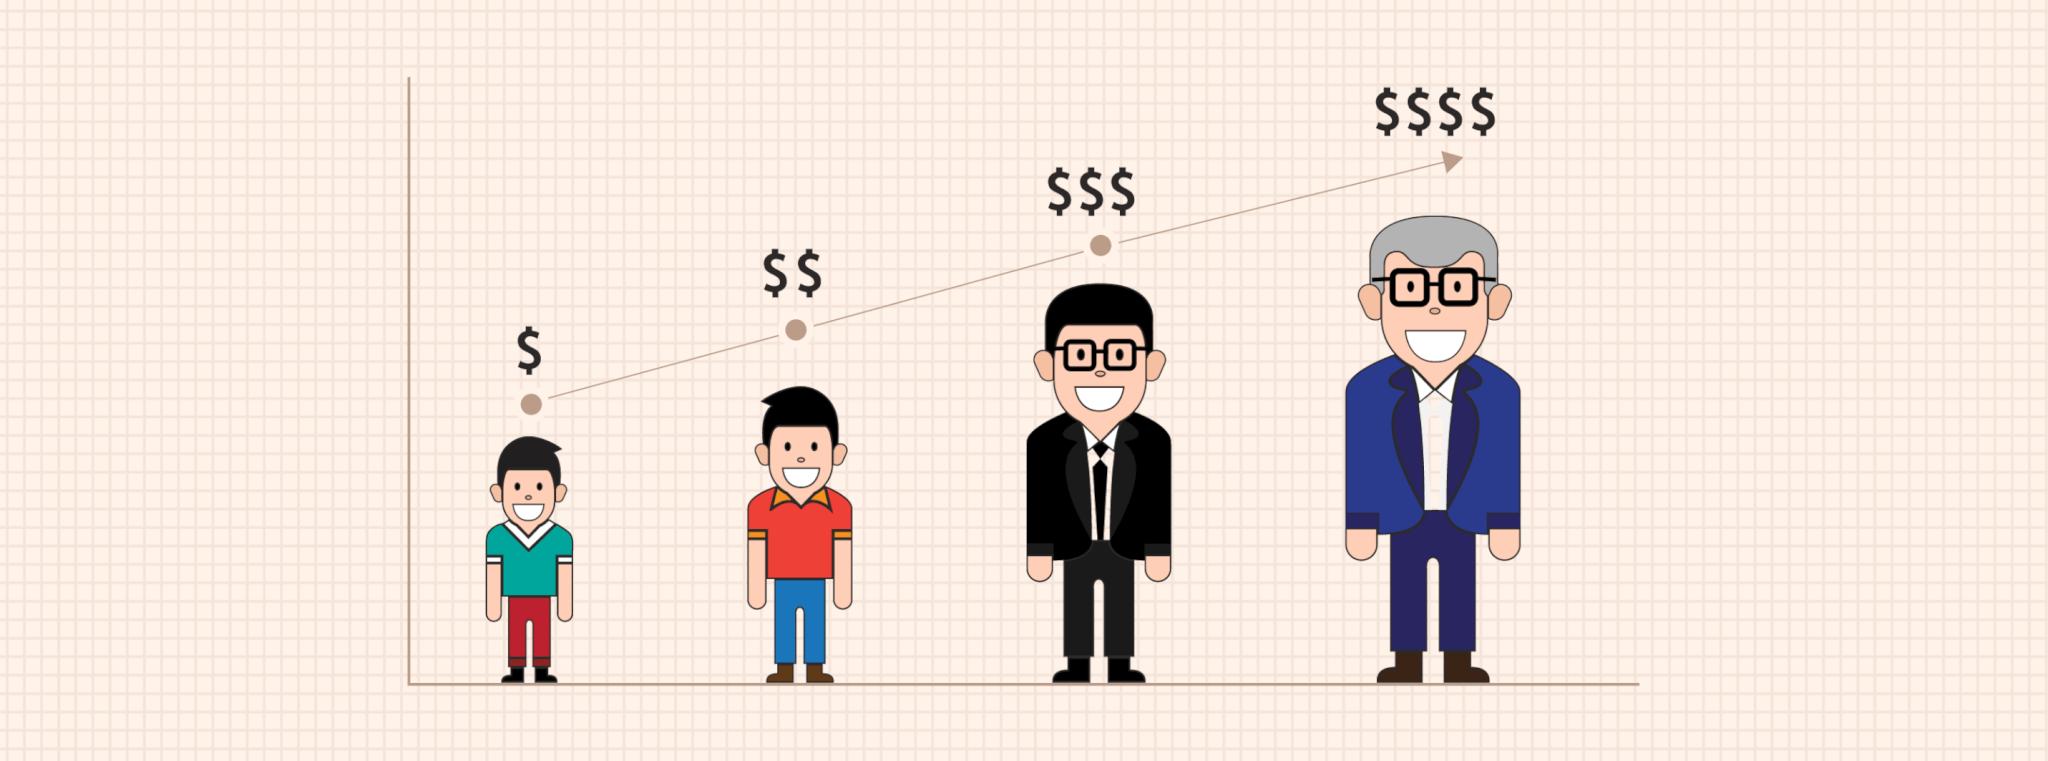 ارزش طول عمر مشتری چیست؟